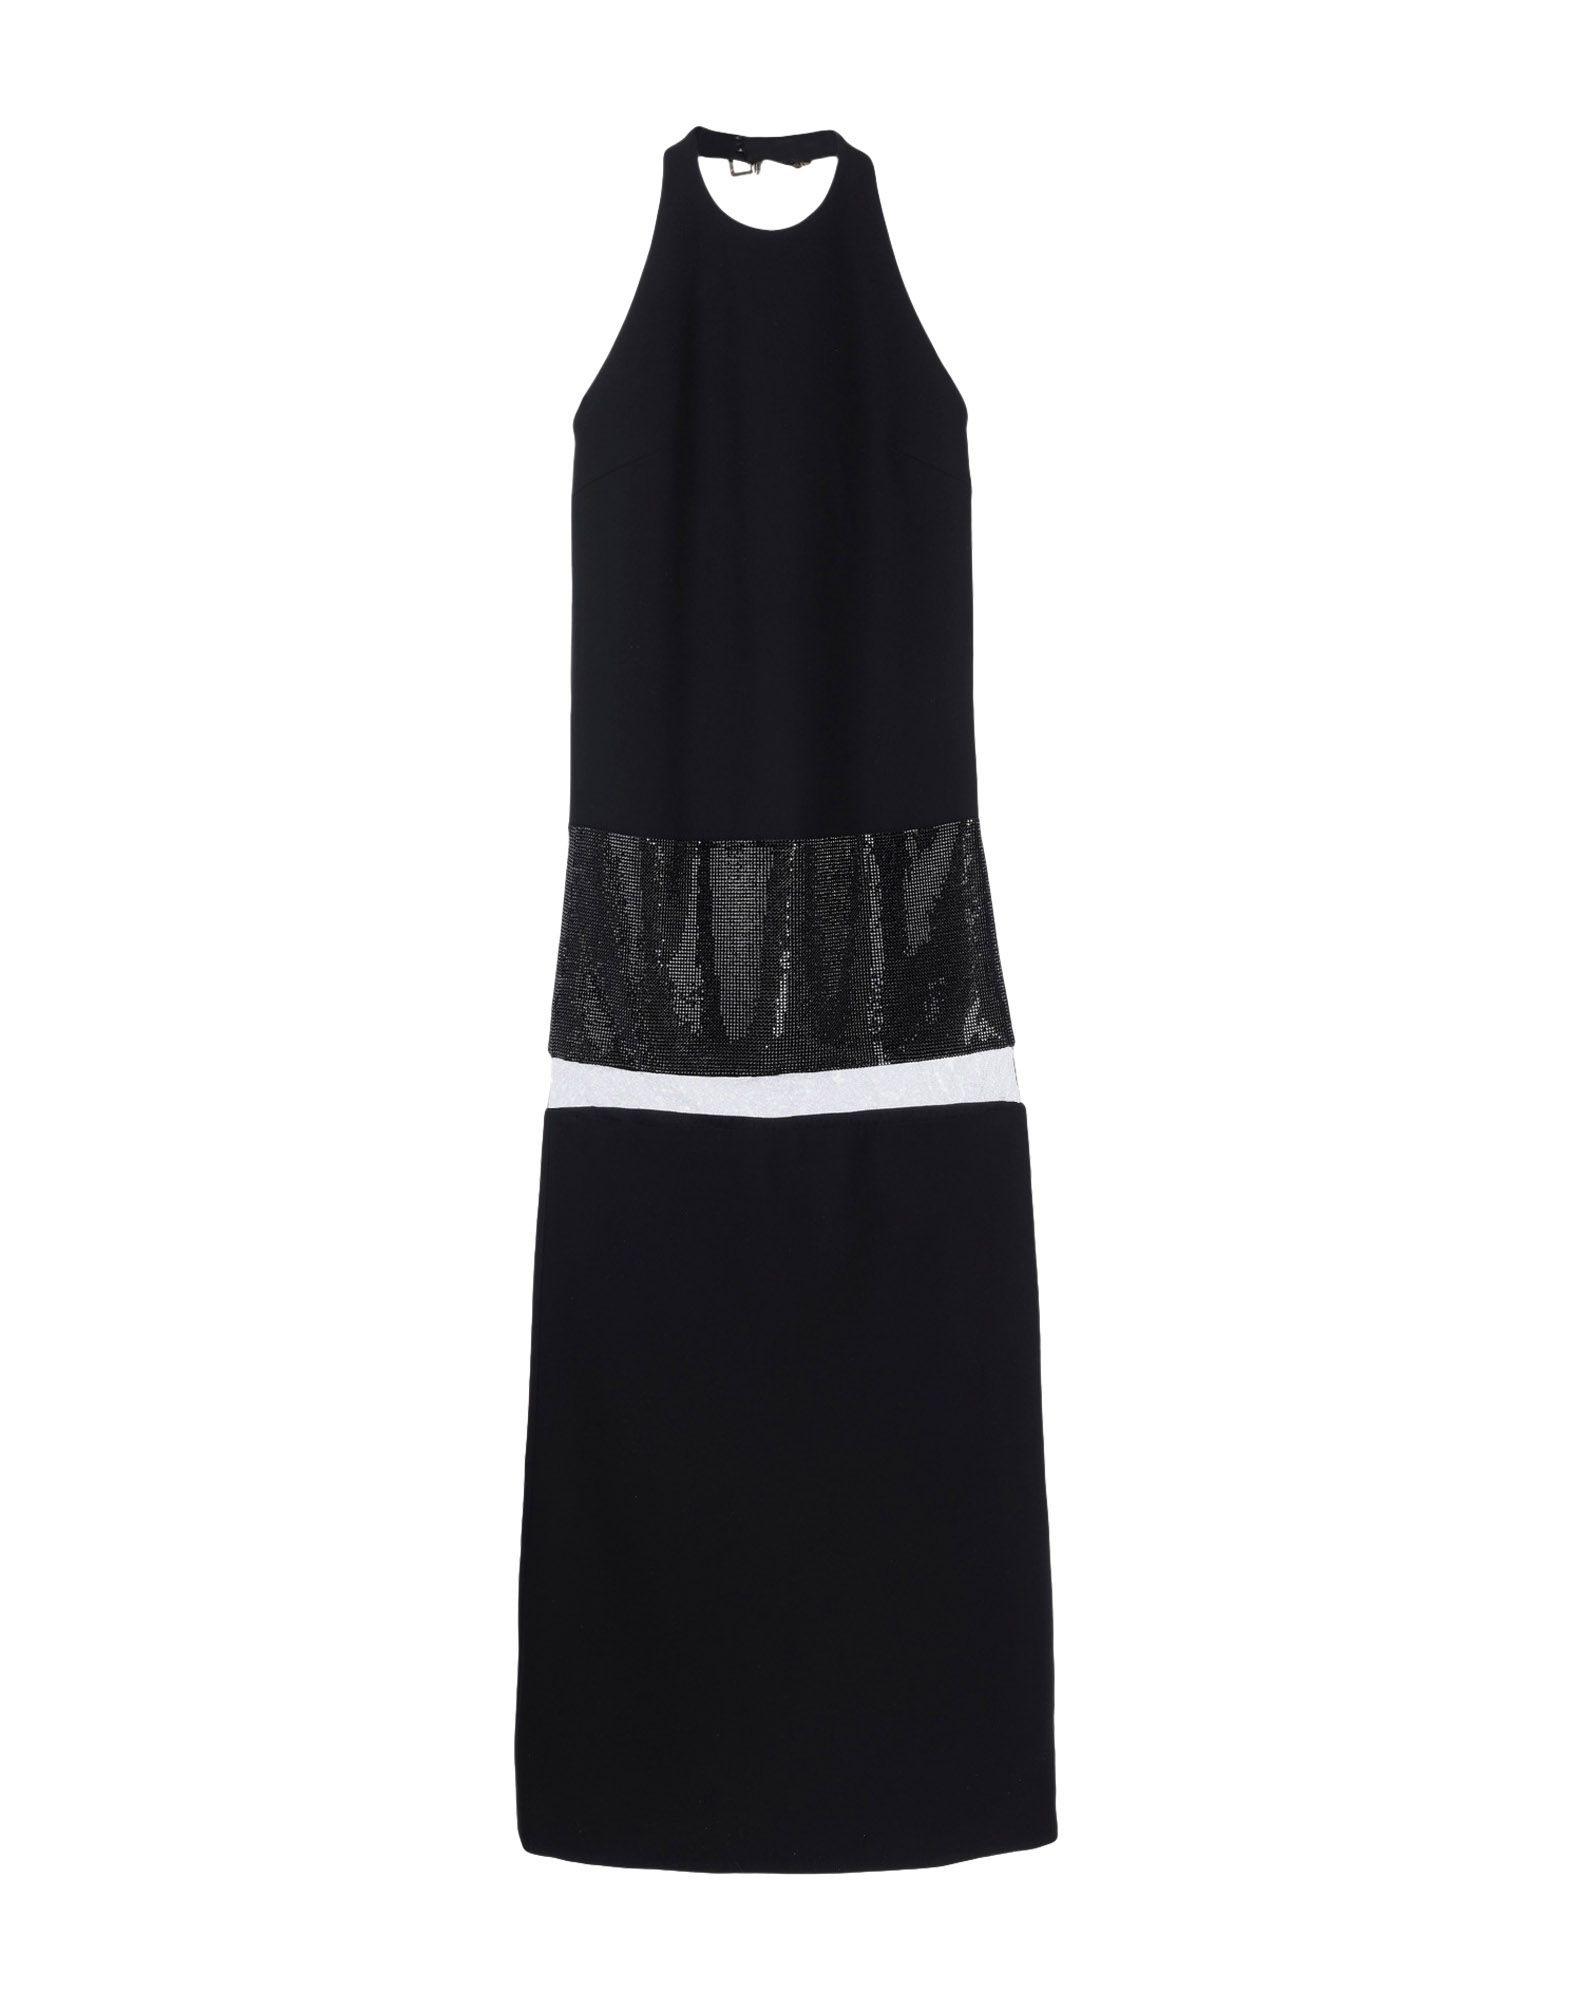 10 Schön Versace Abendkleider Bester PreisFormal Einfach Versace Abendkleider Design